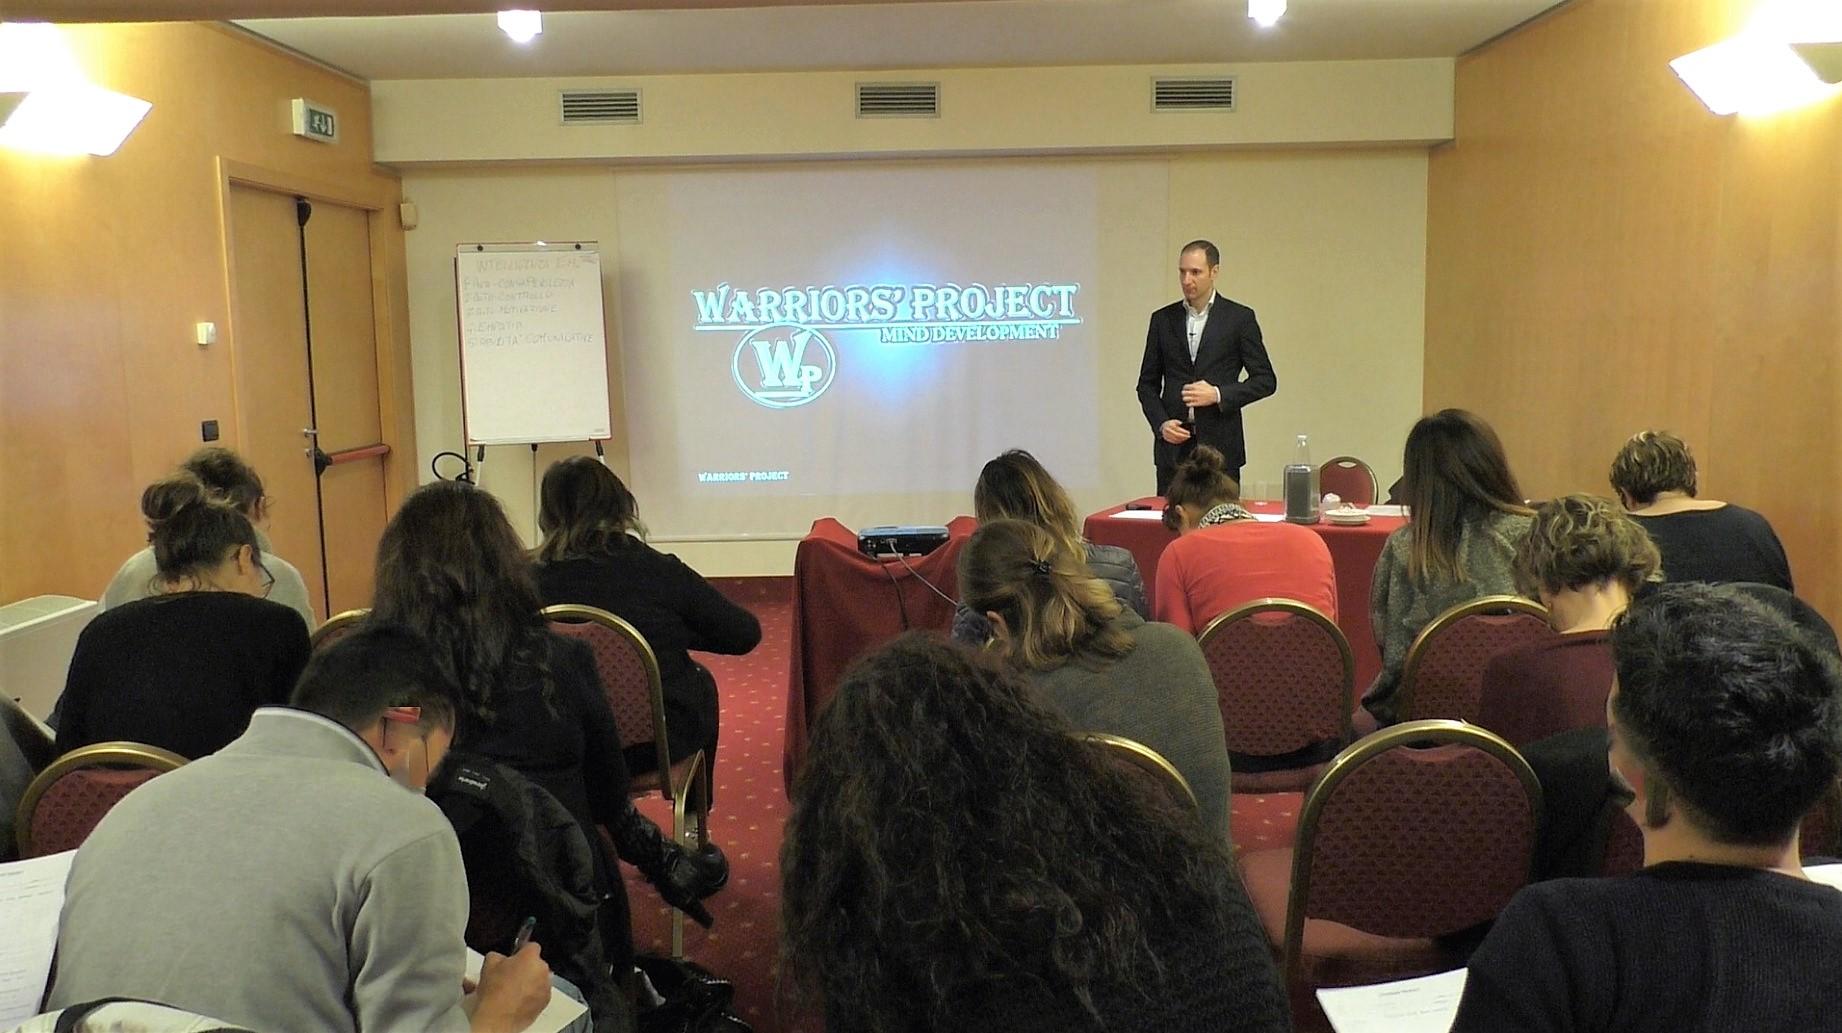 corso di formazione bologna warriors project vincenzo cento superare i limiti gestire stress ansia autostima comunicazione raggiungere obiettivi strategia successo